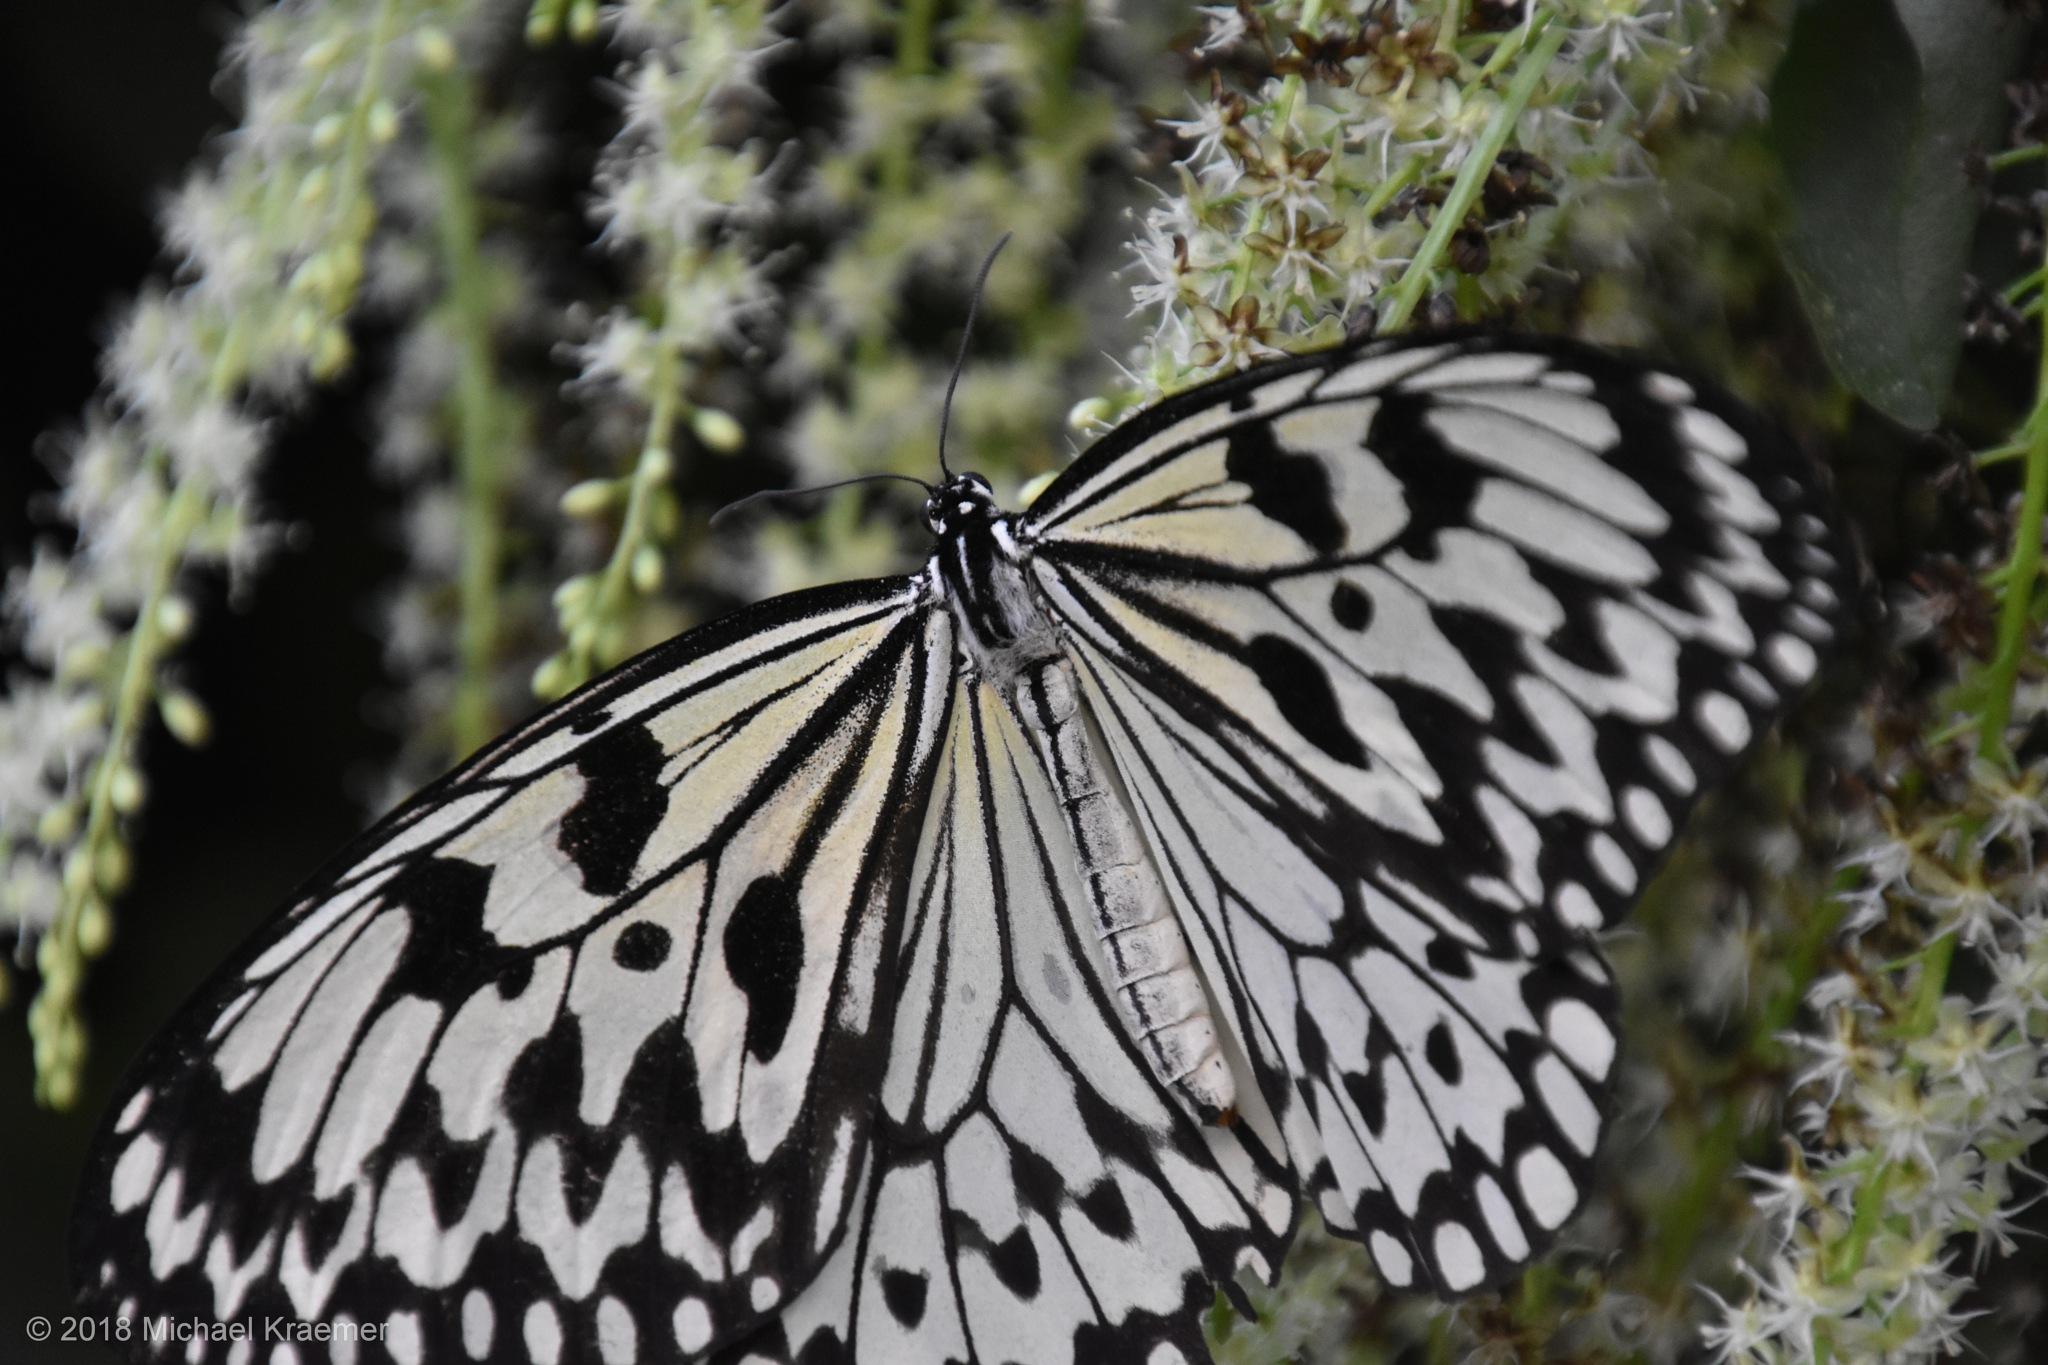 Schmetterling - 06 by Michael Kraemer